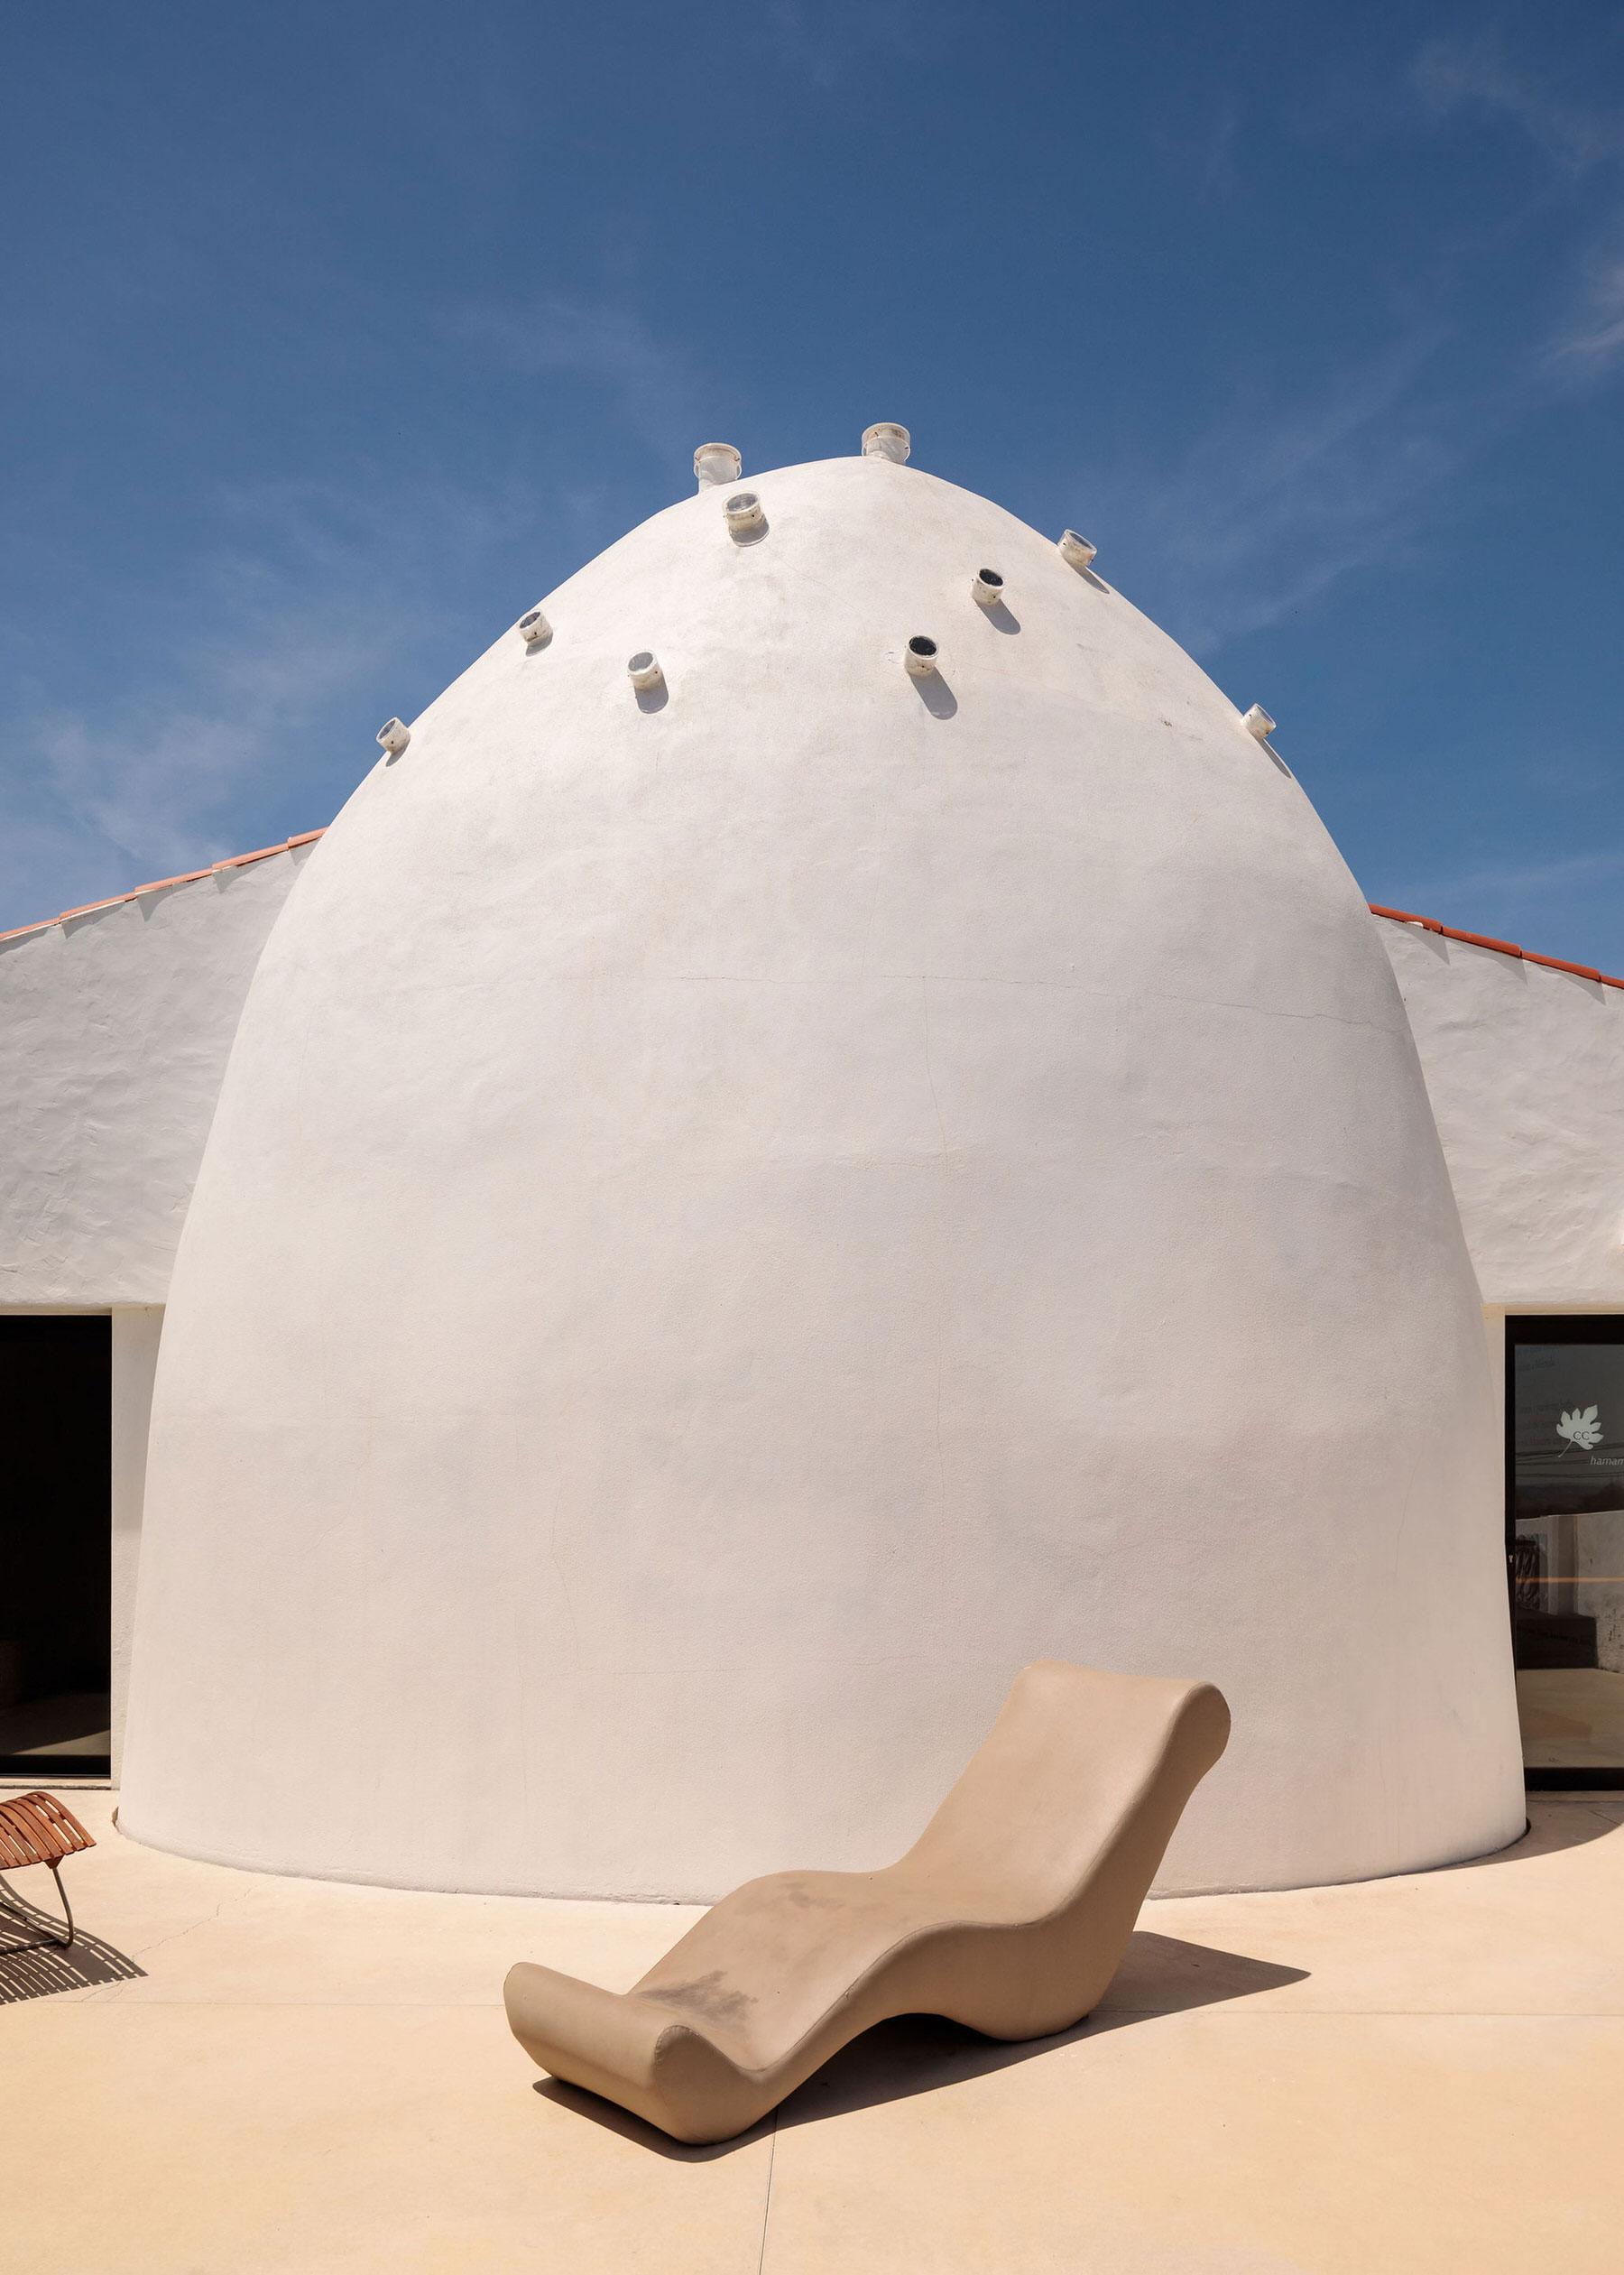 Ressano Garcia, Hammam Spa in Portugal, Photo Francisco Nogueira | Yellowtrace